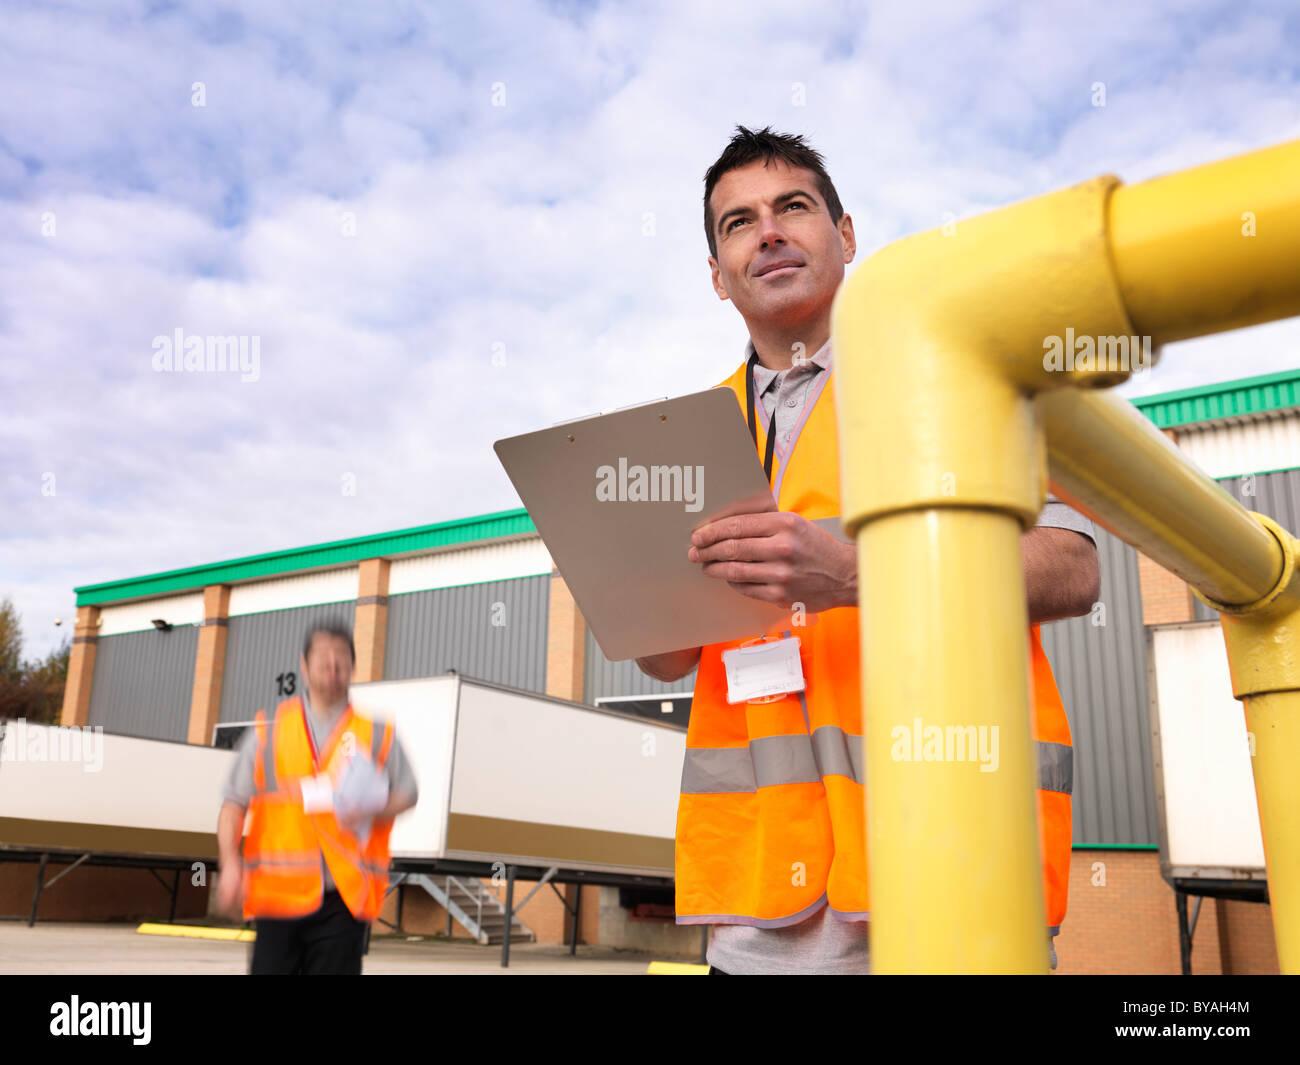 Les travailleurs de la zone de chargement avec les presse-papiers Photo Stock